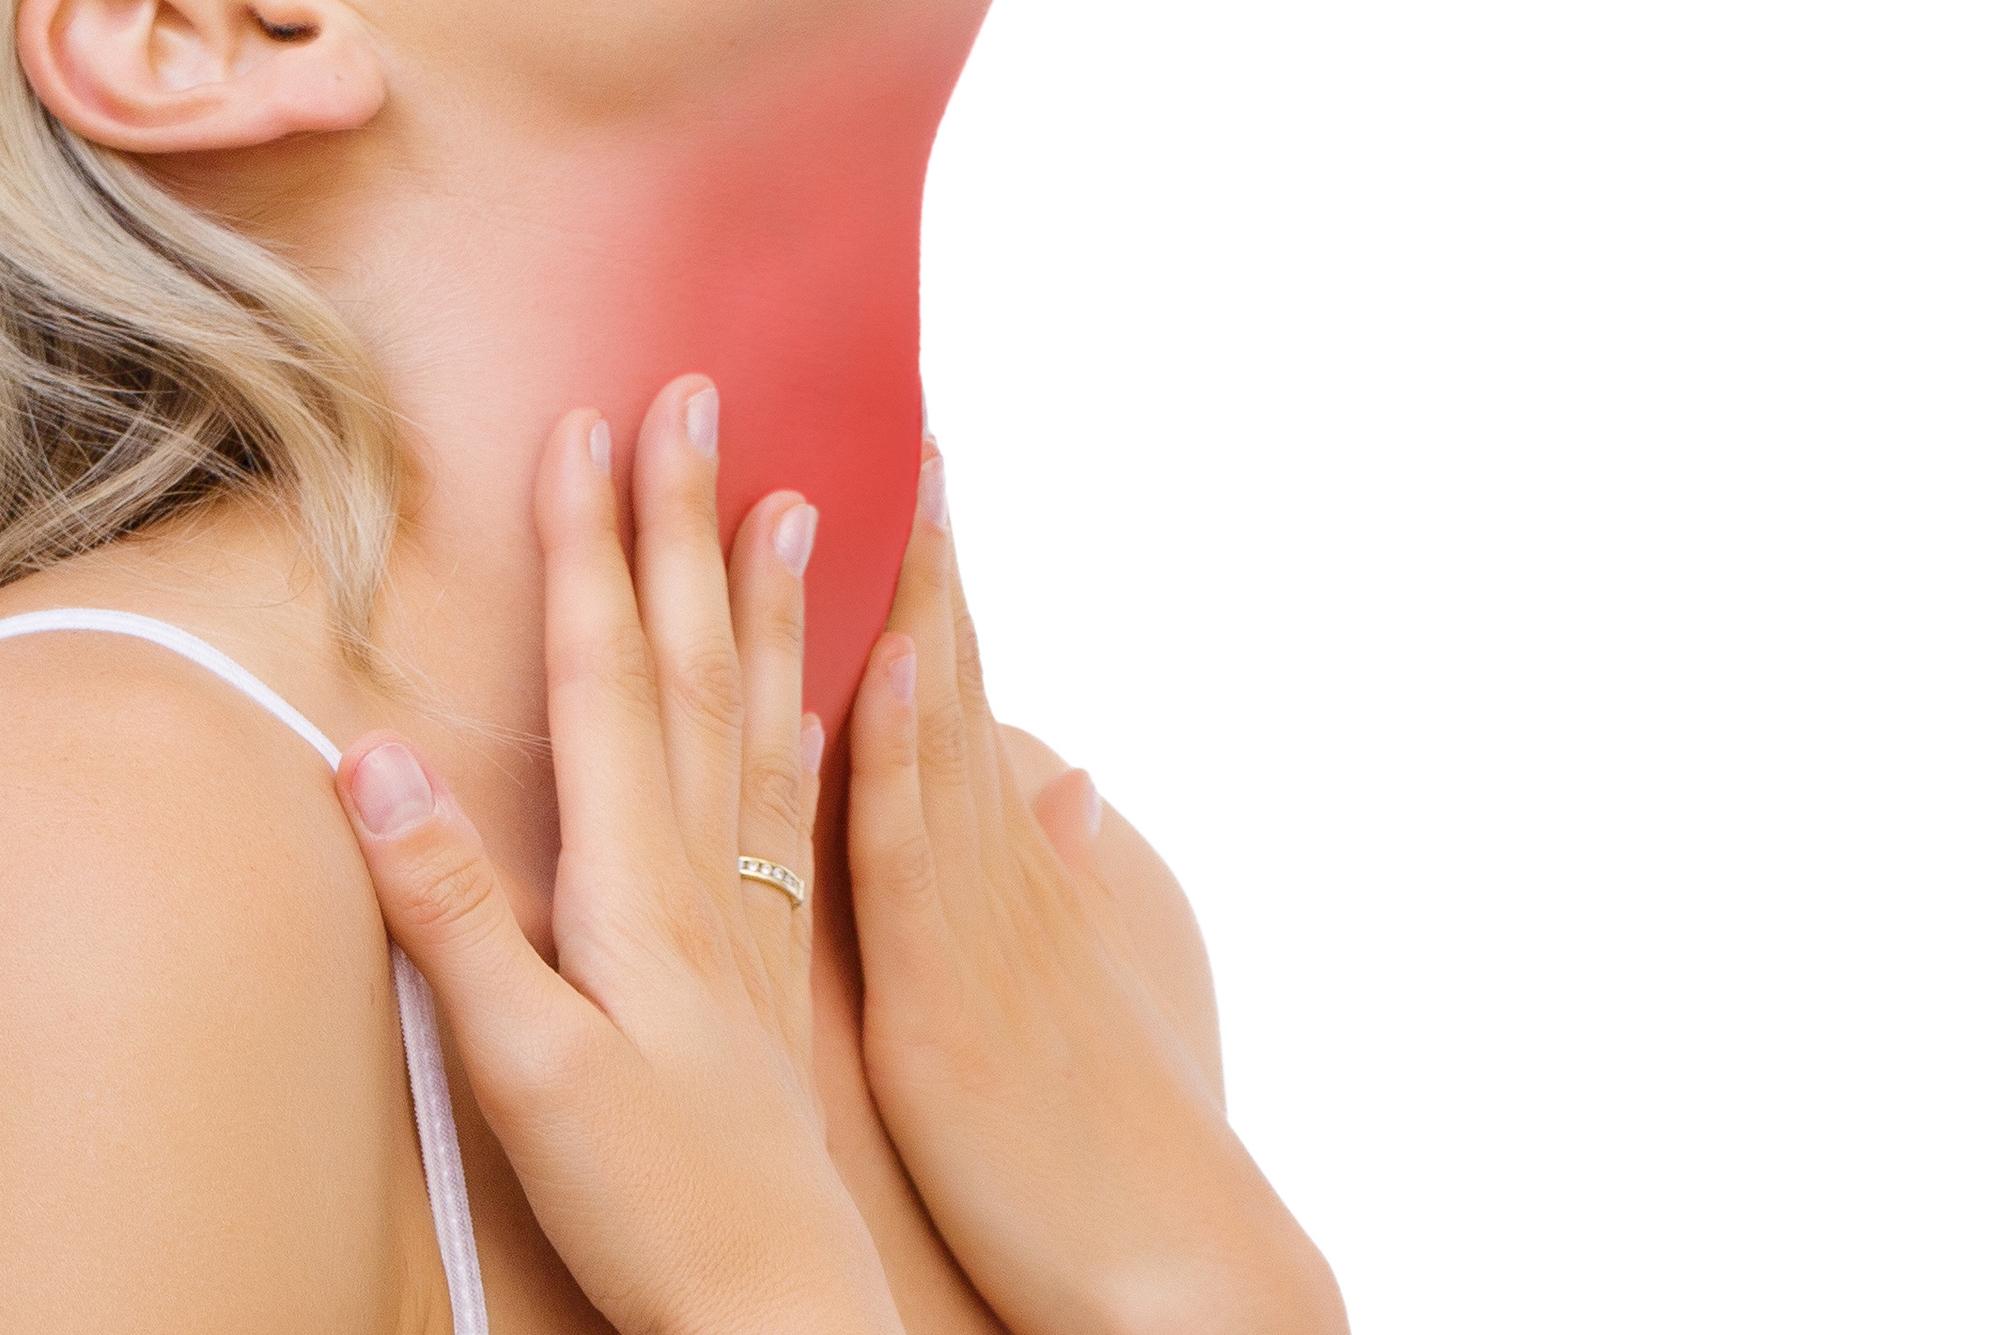 zdravljenje respiratornih težav z akupunkturo